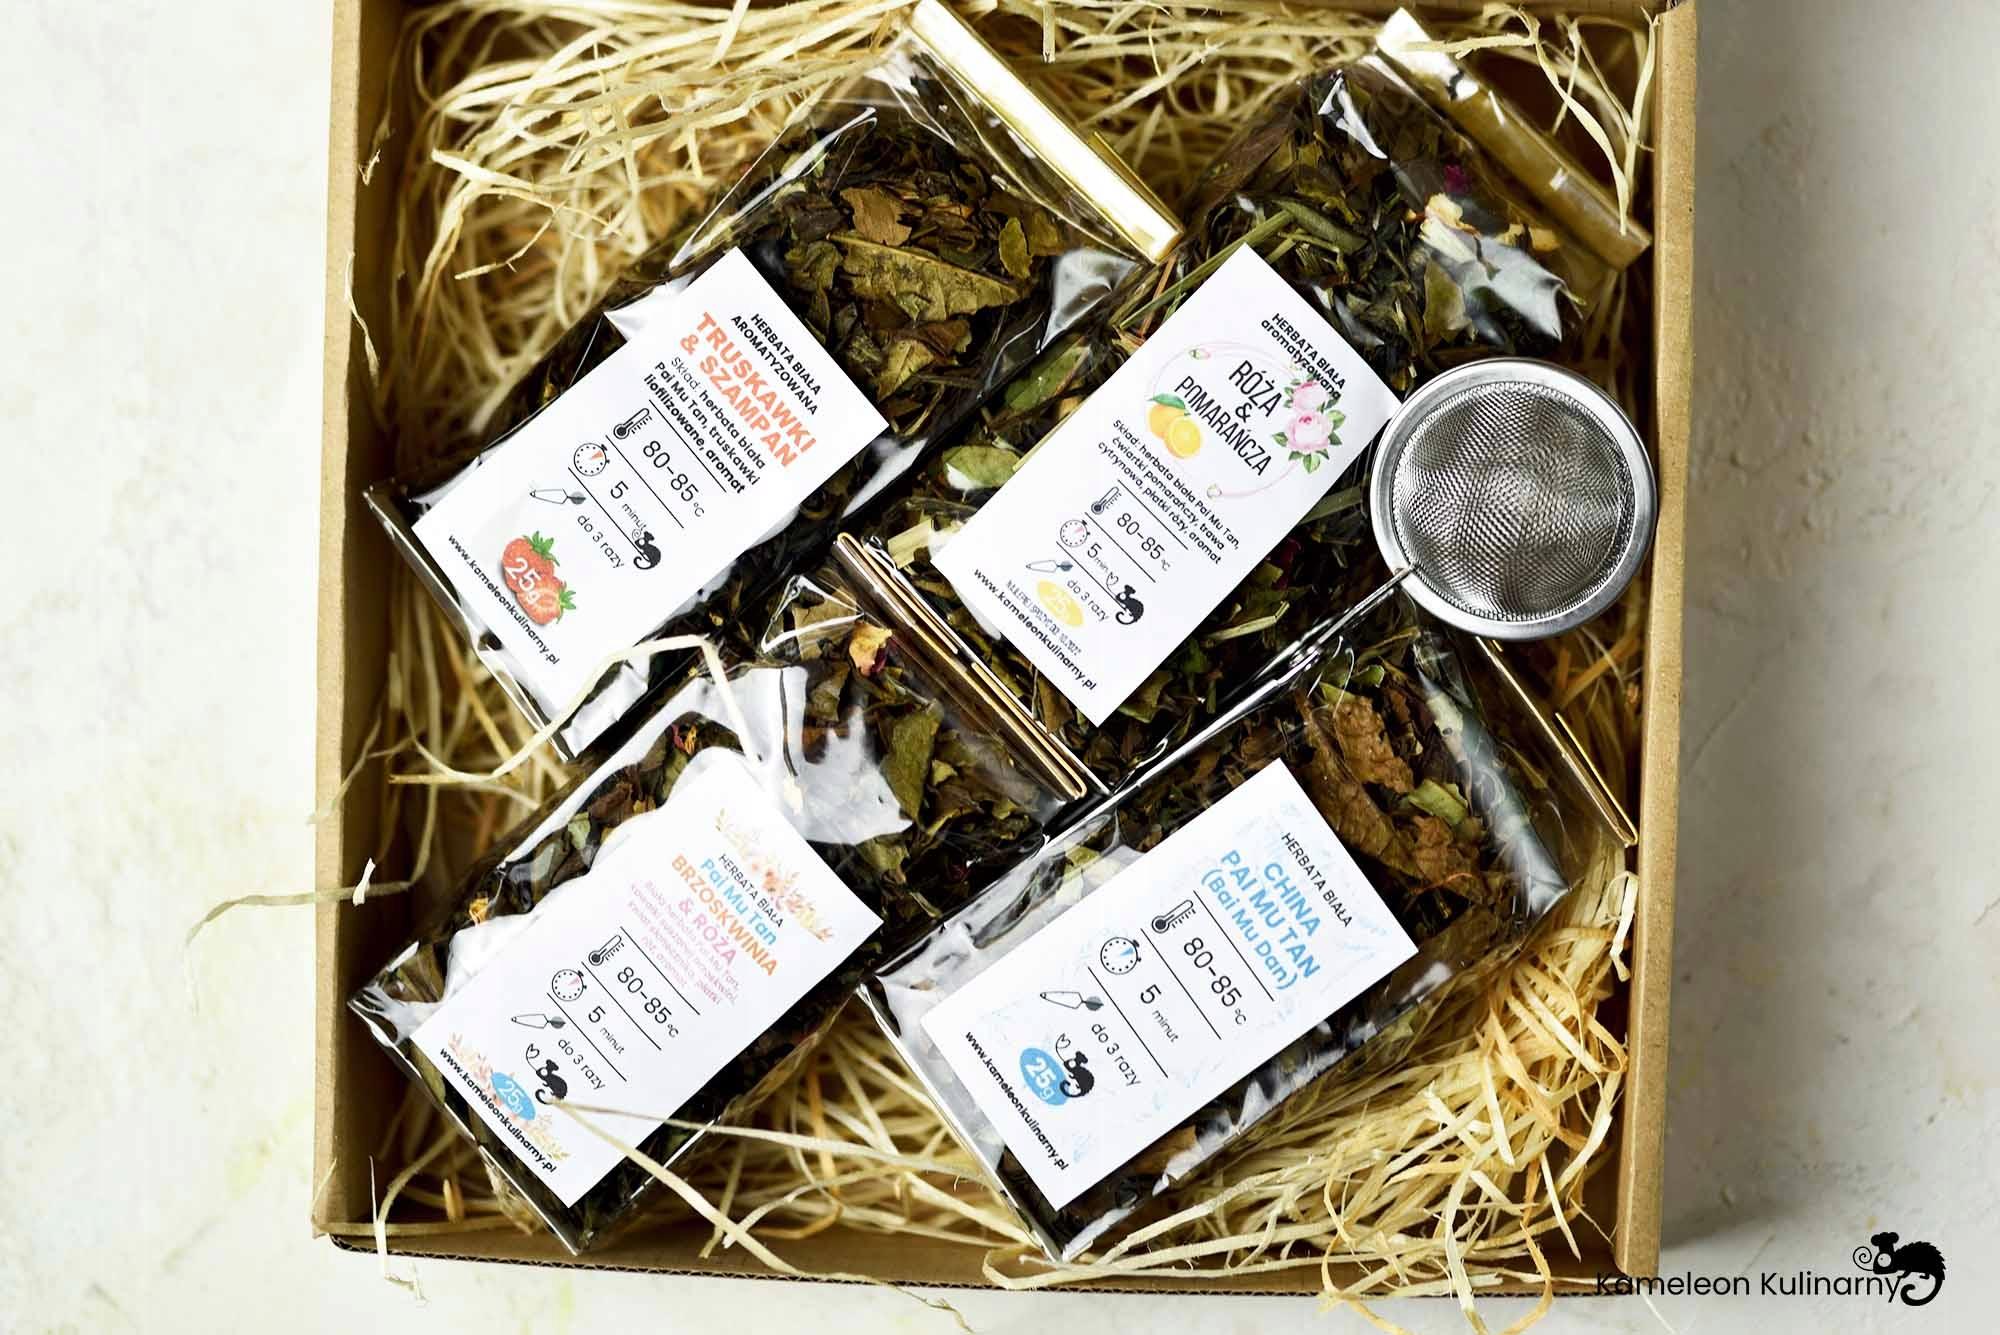 ZESTAW PREZENTOWY na prezent 4 herbaty i zaparzacz Kod producenta ZESTAW PREZENTOWY 4 herbaty białe i zaparzacz